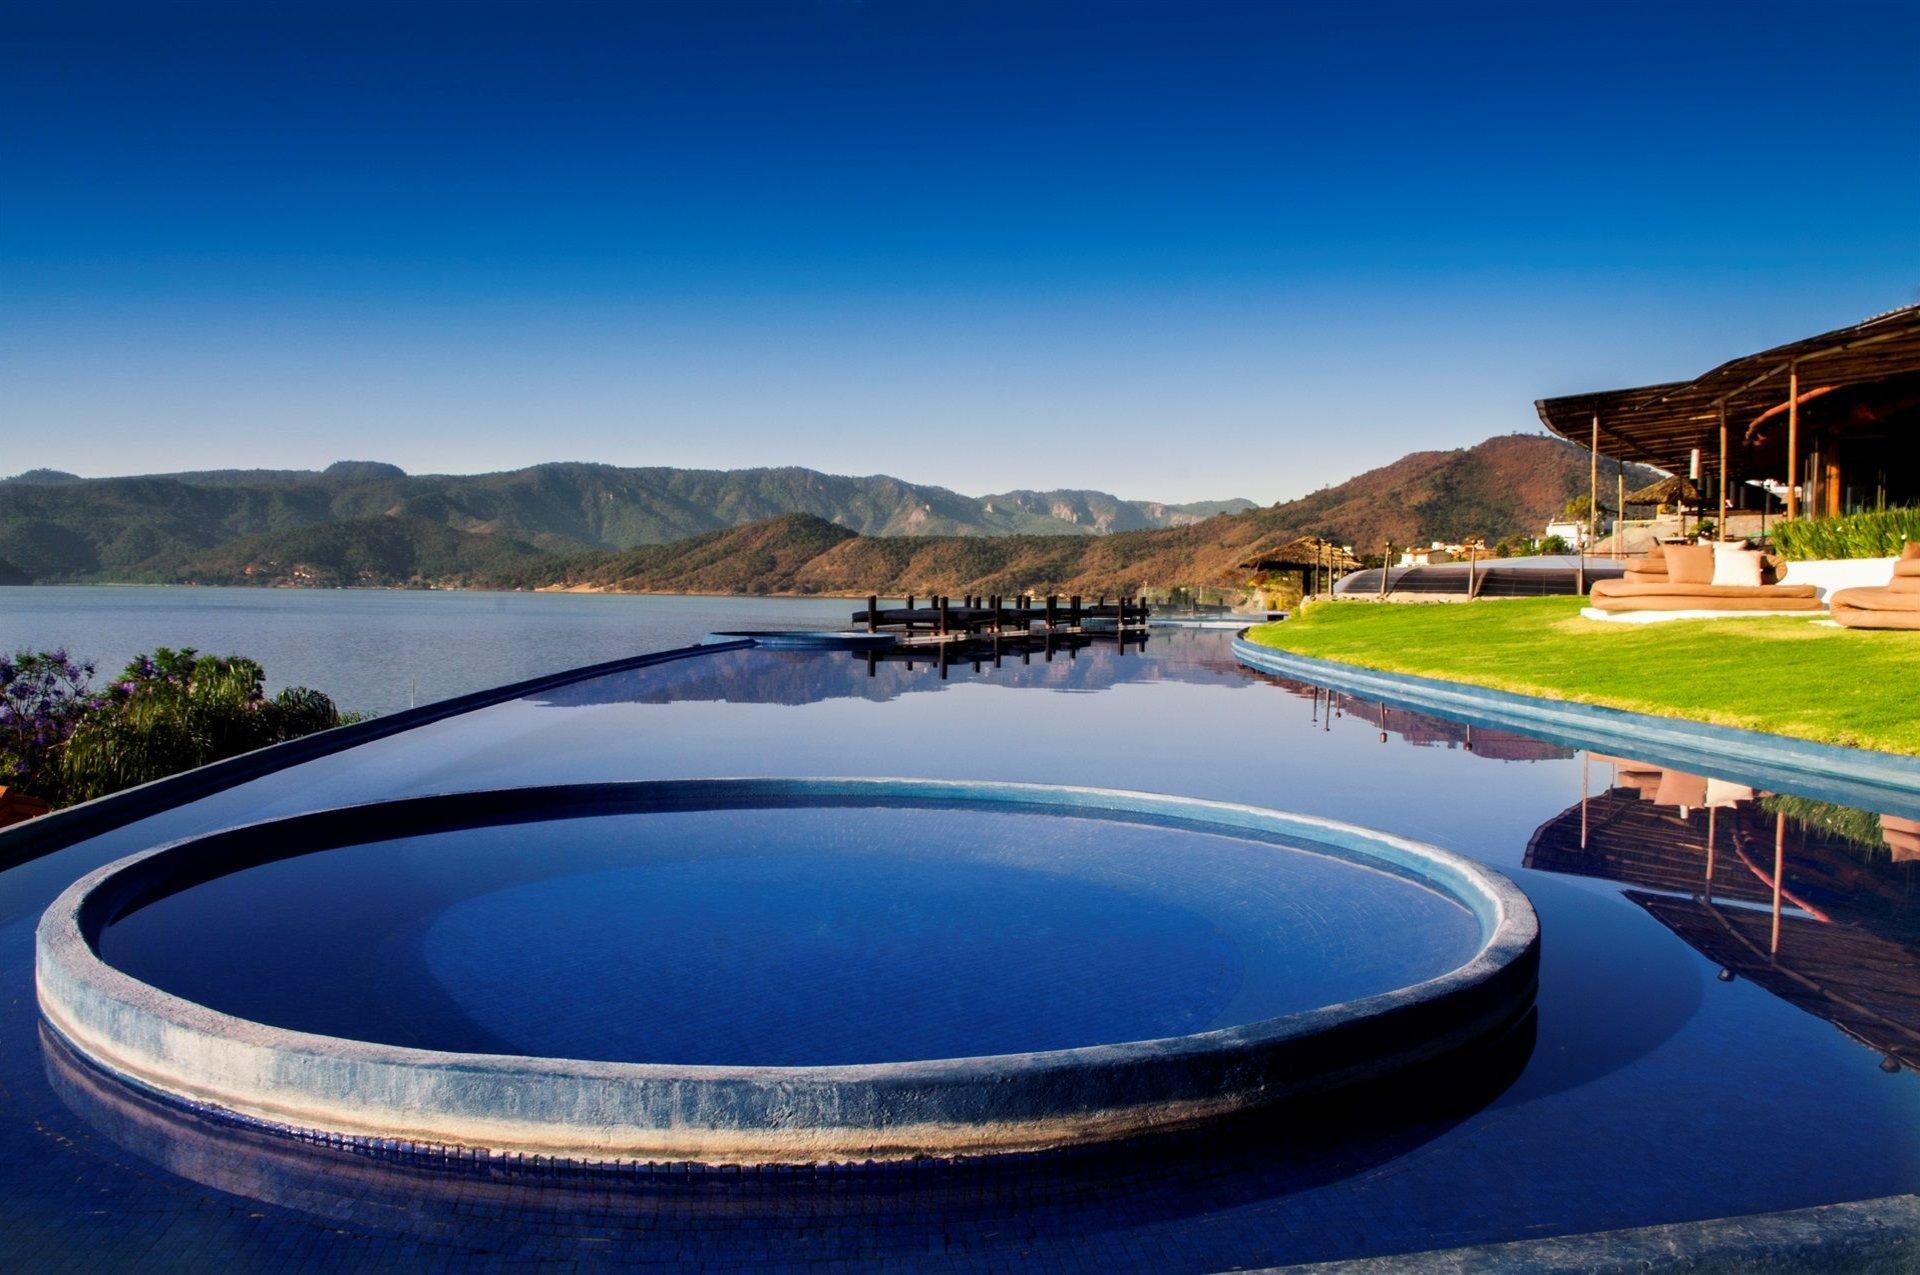 Servicios - El Santuario Resort & Spa - Valle de Bravo ...